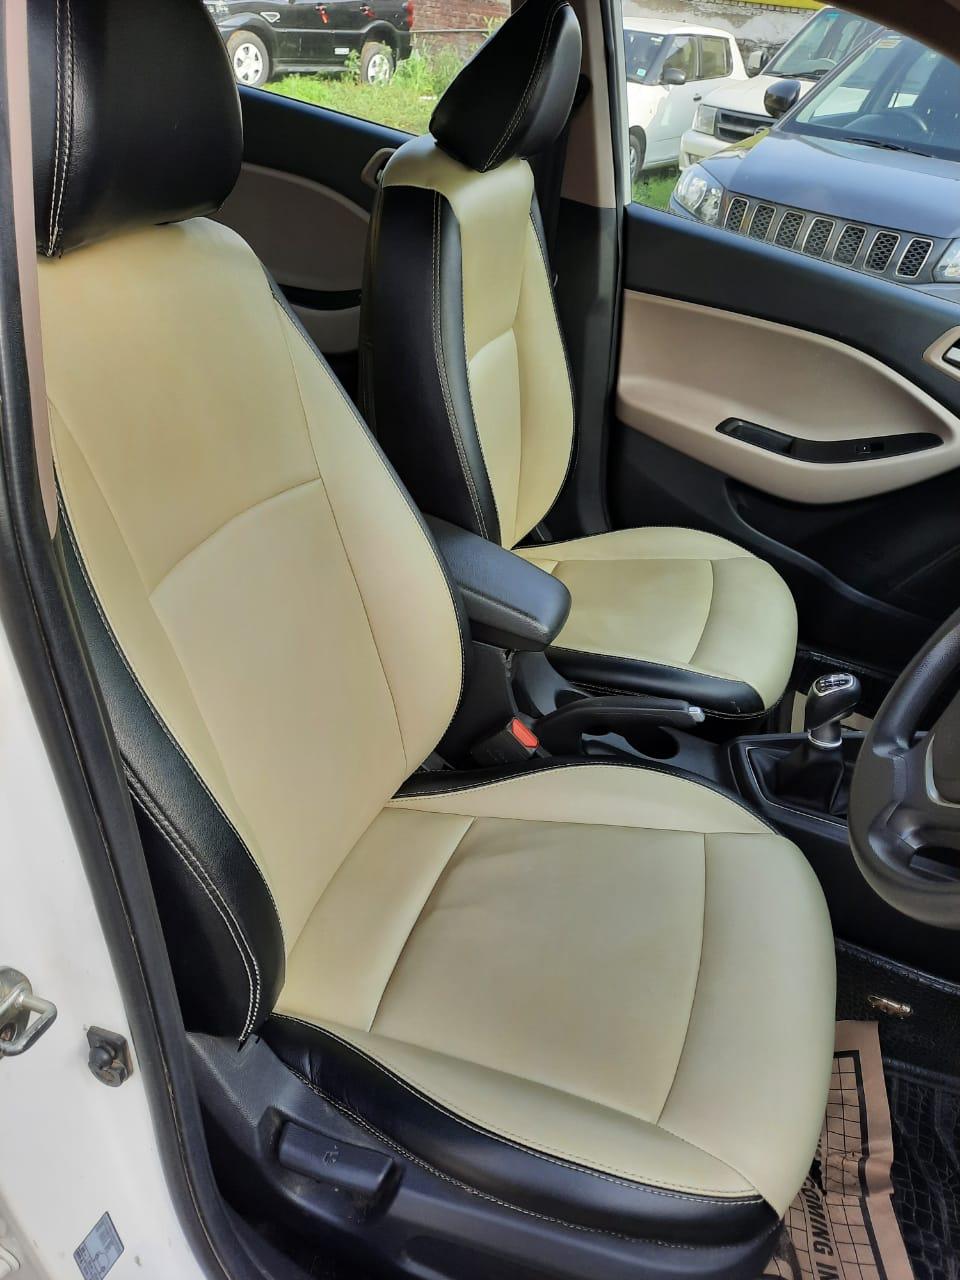 2018 Used HYUNDAI ELITE I20 MAGNA EXECUTIVE 1.4 CRDI